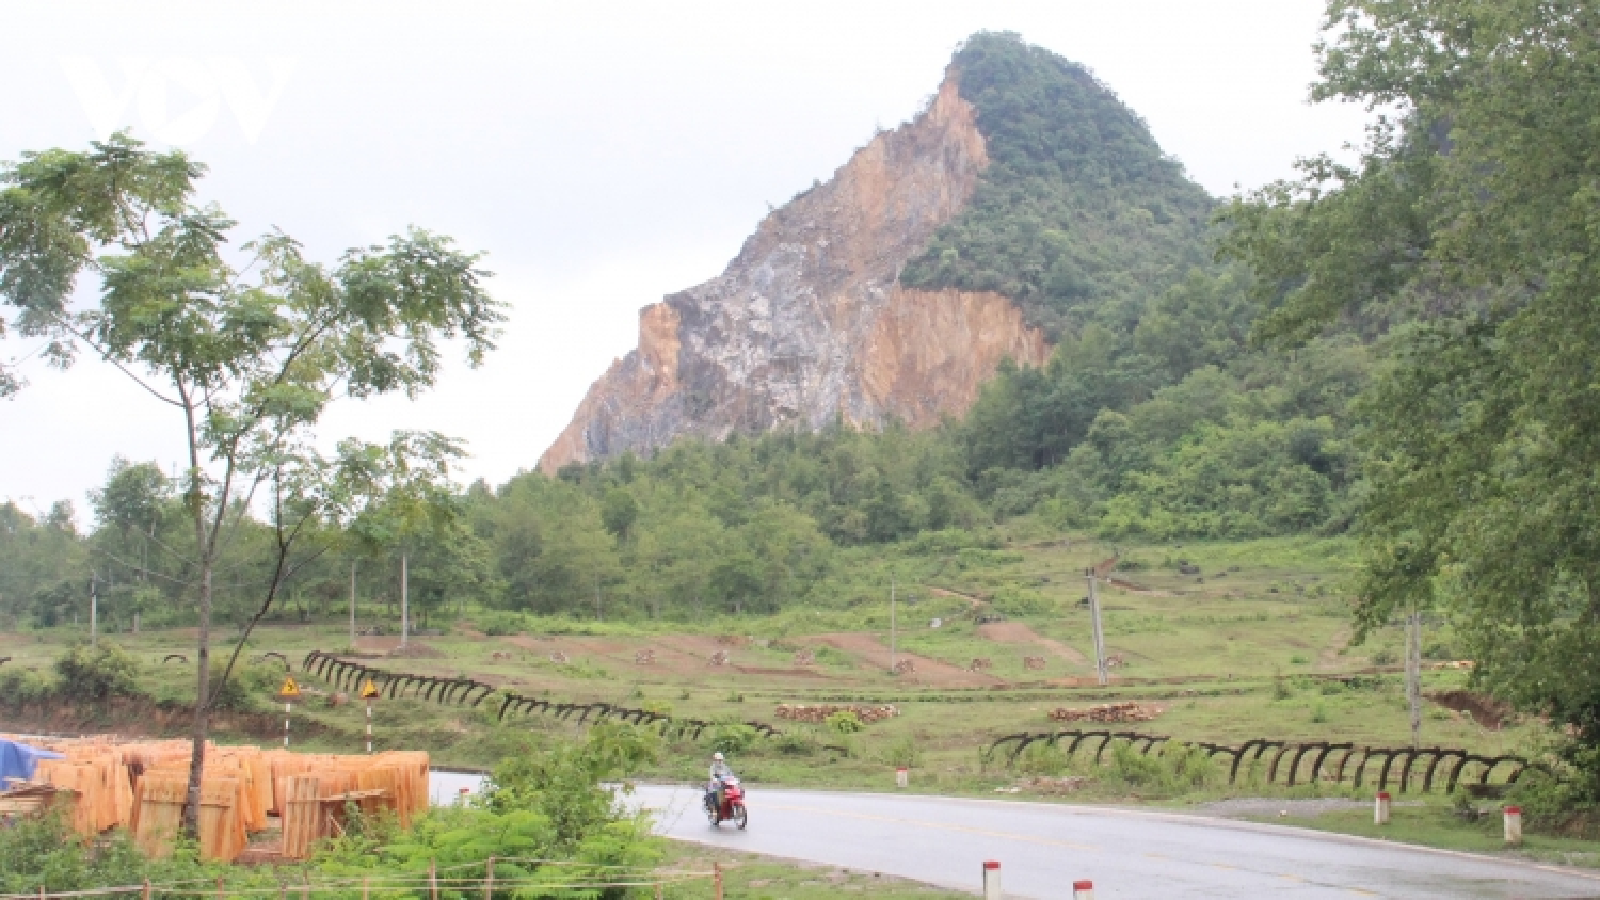 Giảm thiểu tác động khai thác khoáng sản đến công viên địa chất toàn cầu Cao Bằng